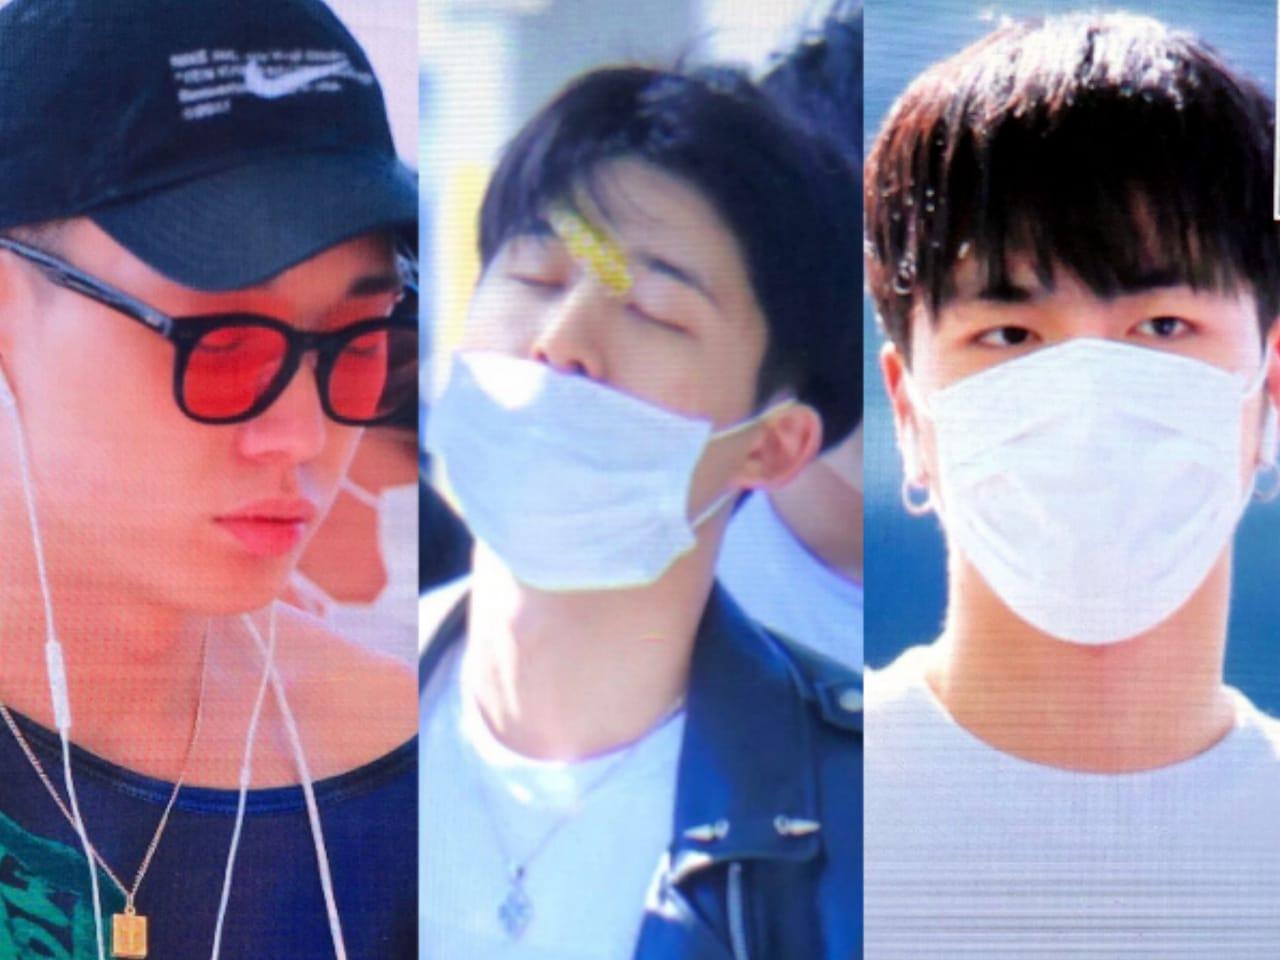 Sudah Berangkat ke Jakarta, Kondisi Member iKON di Bandara Justru Bikin Fans Khawatir